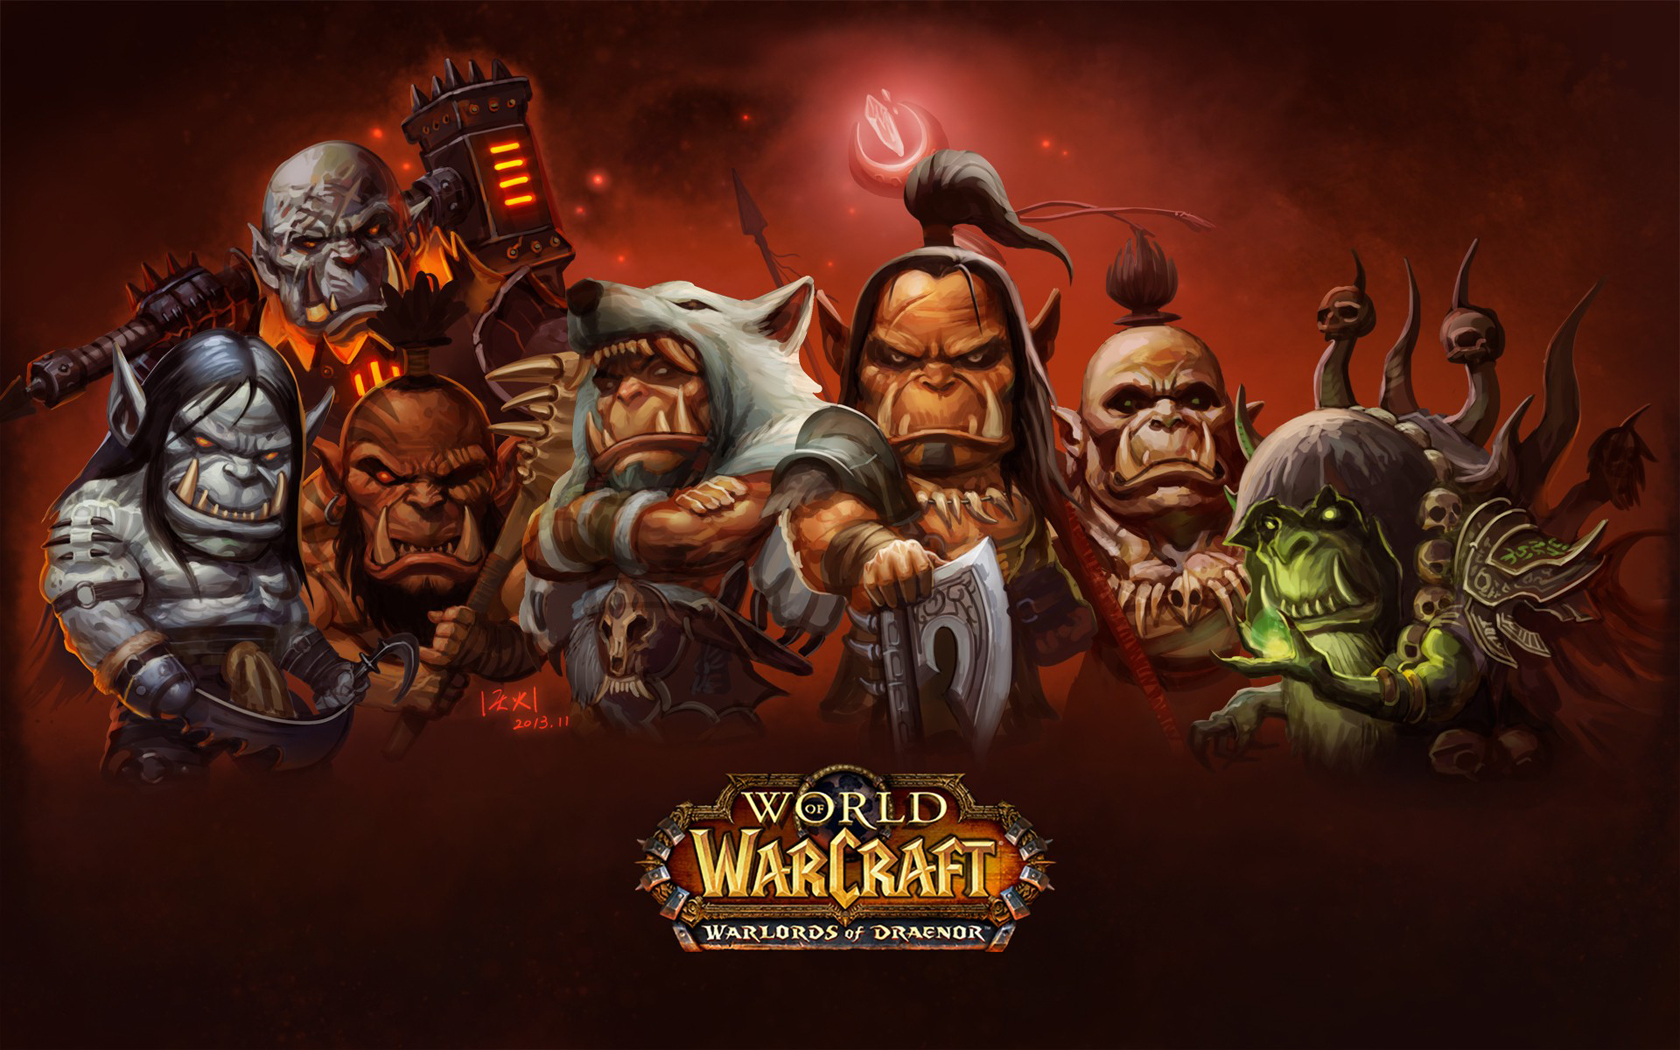 Câștigătorii celor 20 de chei pentru beta-ul WoW: Warlords of Draenor [CONCURS]